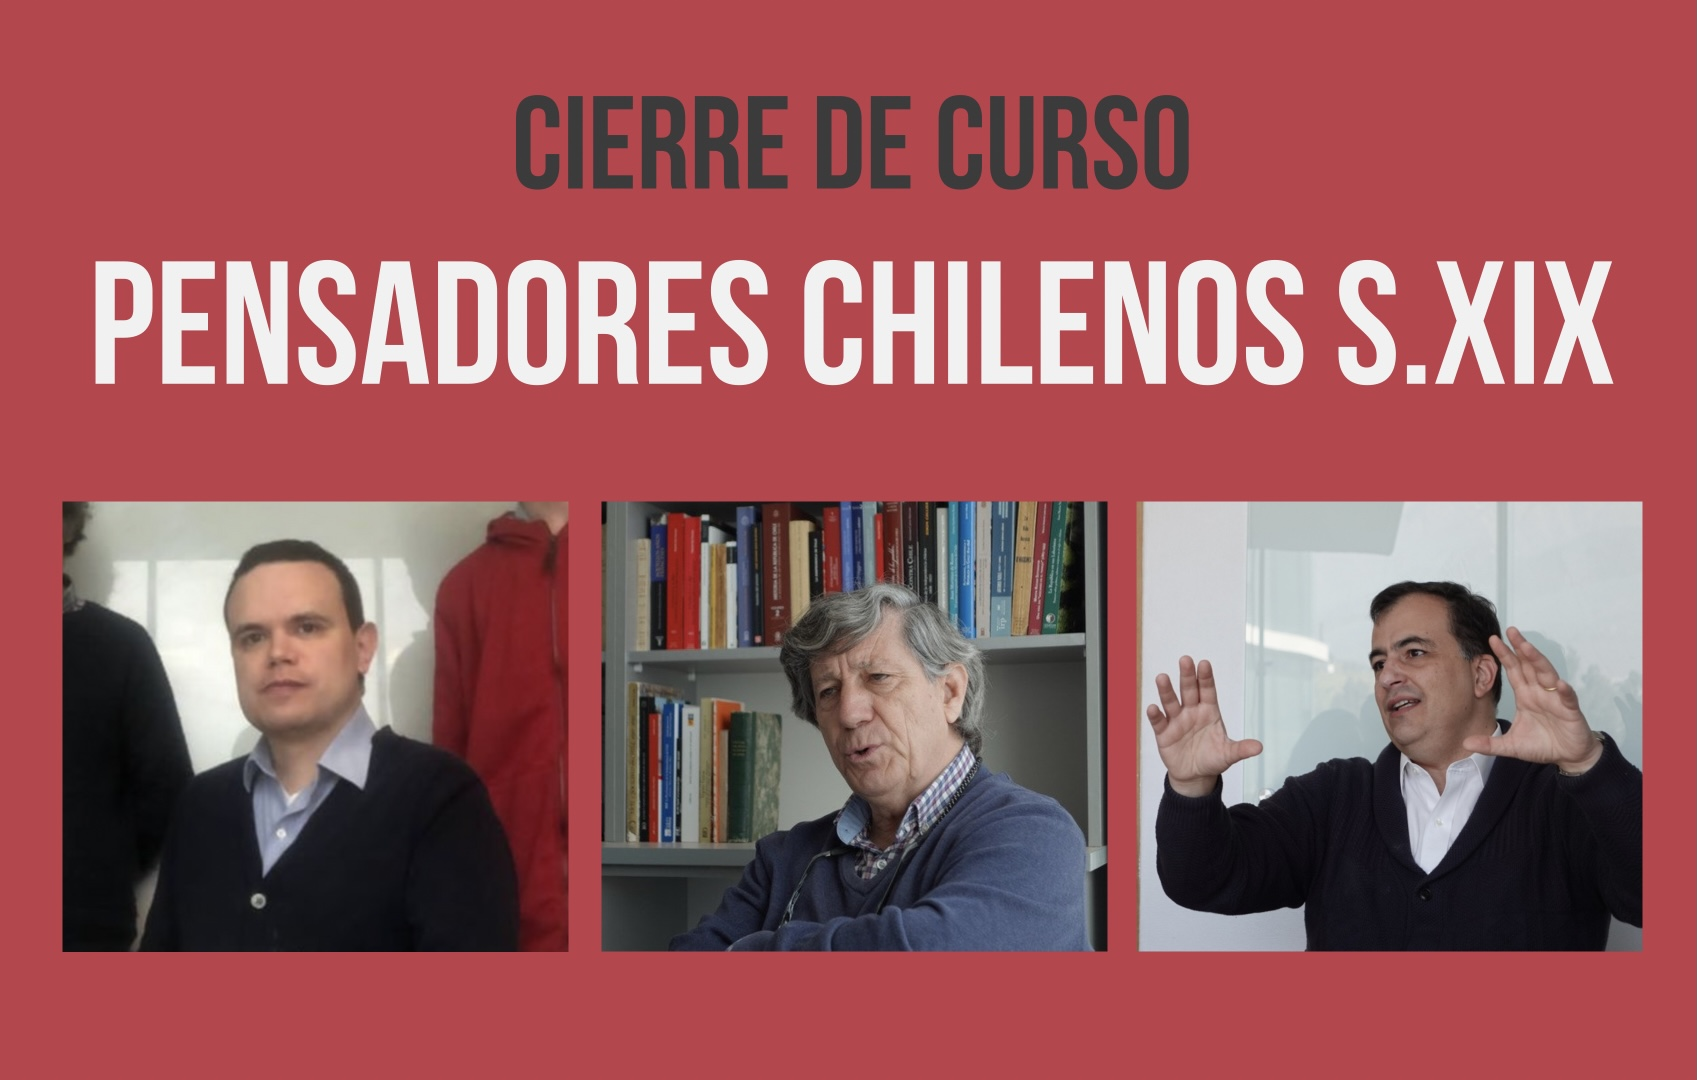 """Cierre del curso """"Pensadores chilenos fundamentales del siglo XIX"""" [30.09.2021]"""